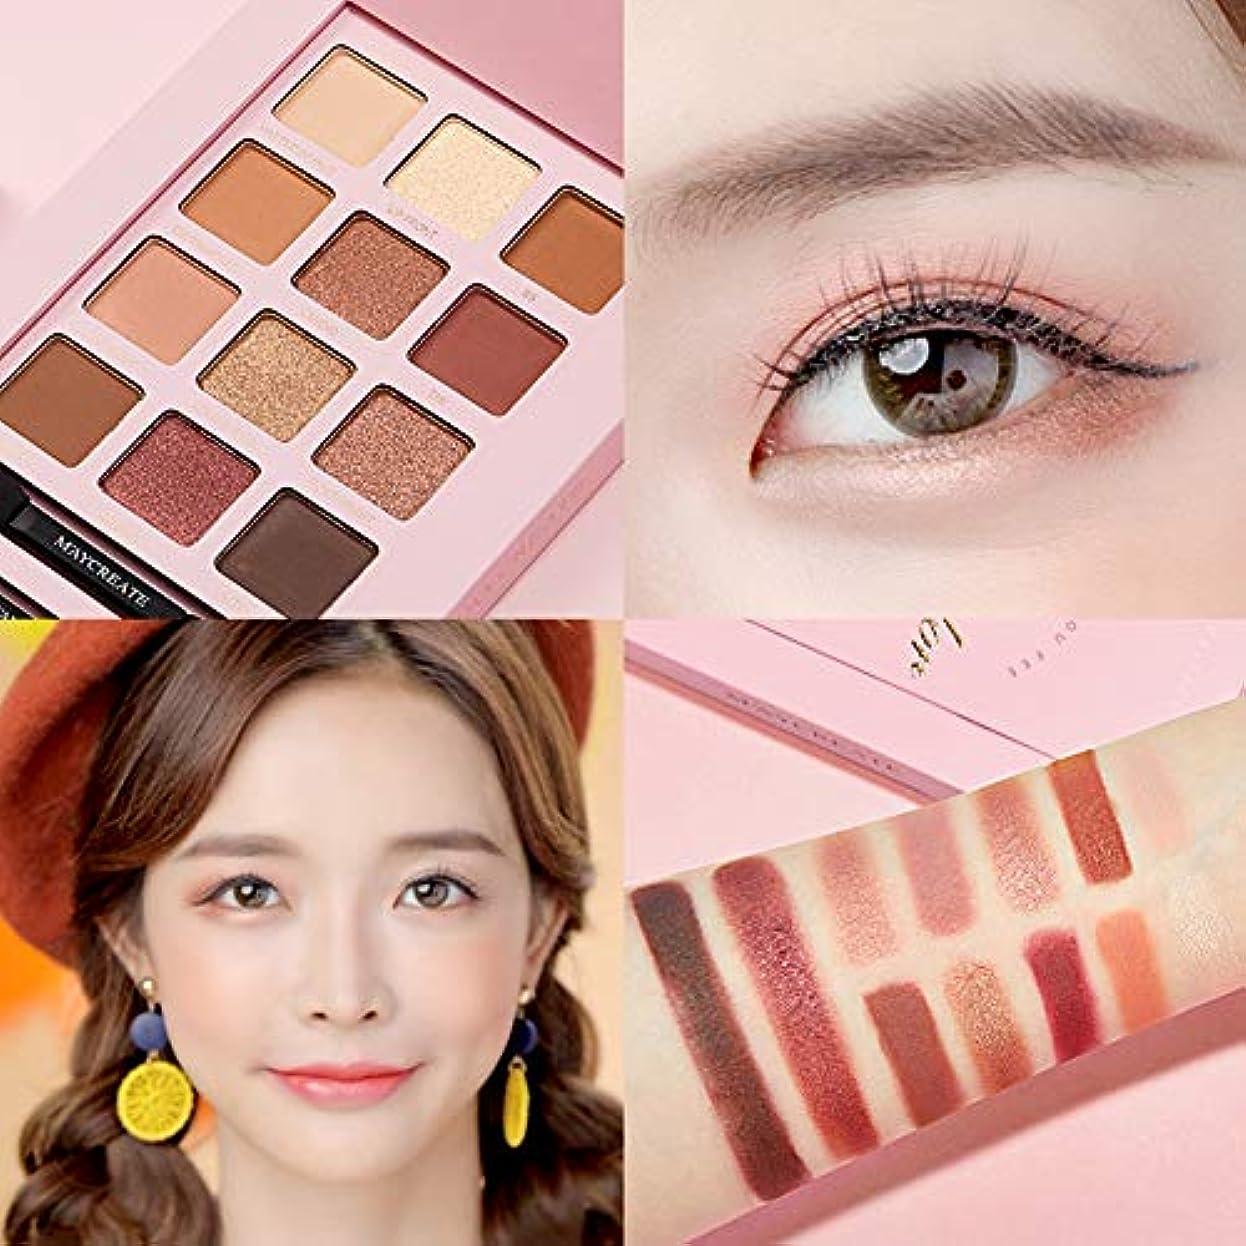 にやにやパドルディスコDkhsyアイシャドーマットアイシャドープレート美容女性の目の化粧品ラスティングキラキラアイシャドウ化粧品ツール 12色